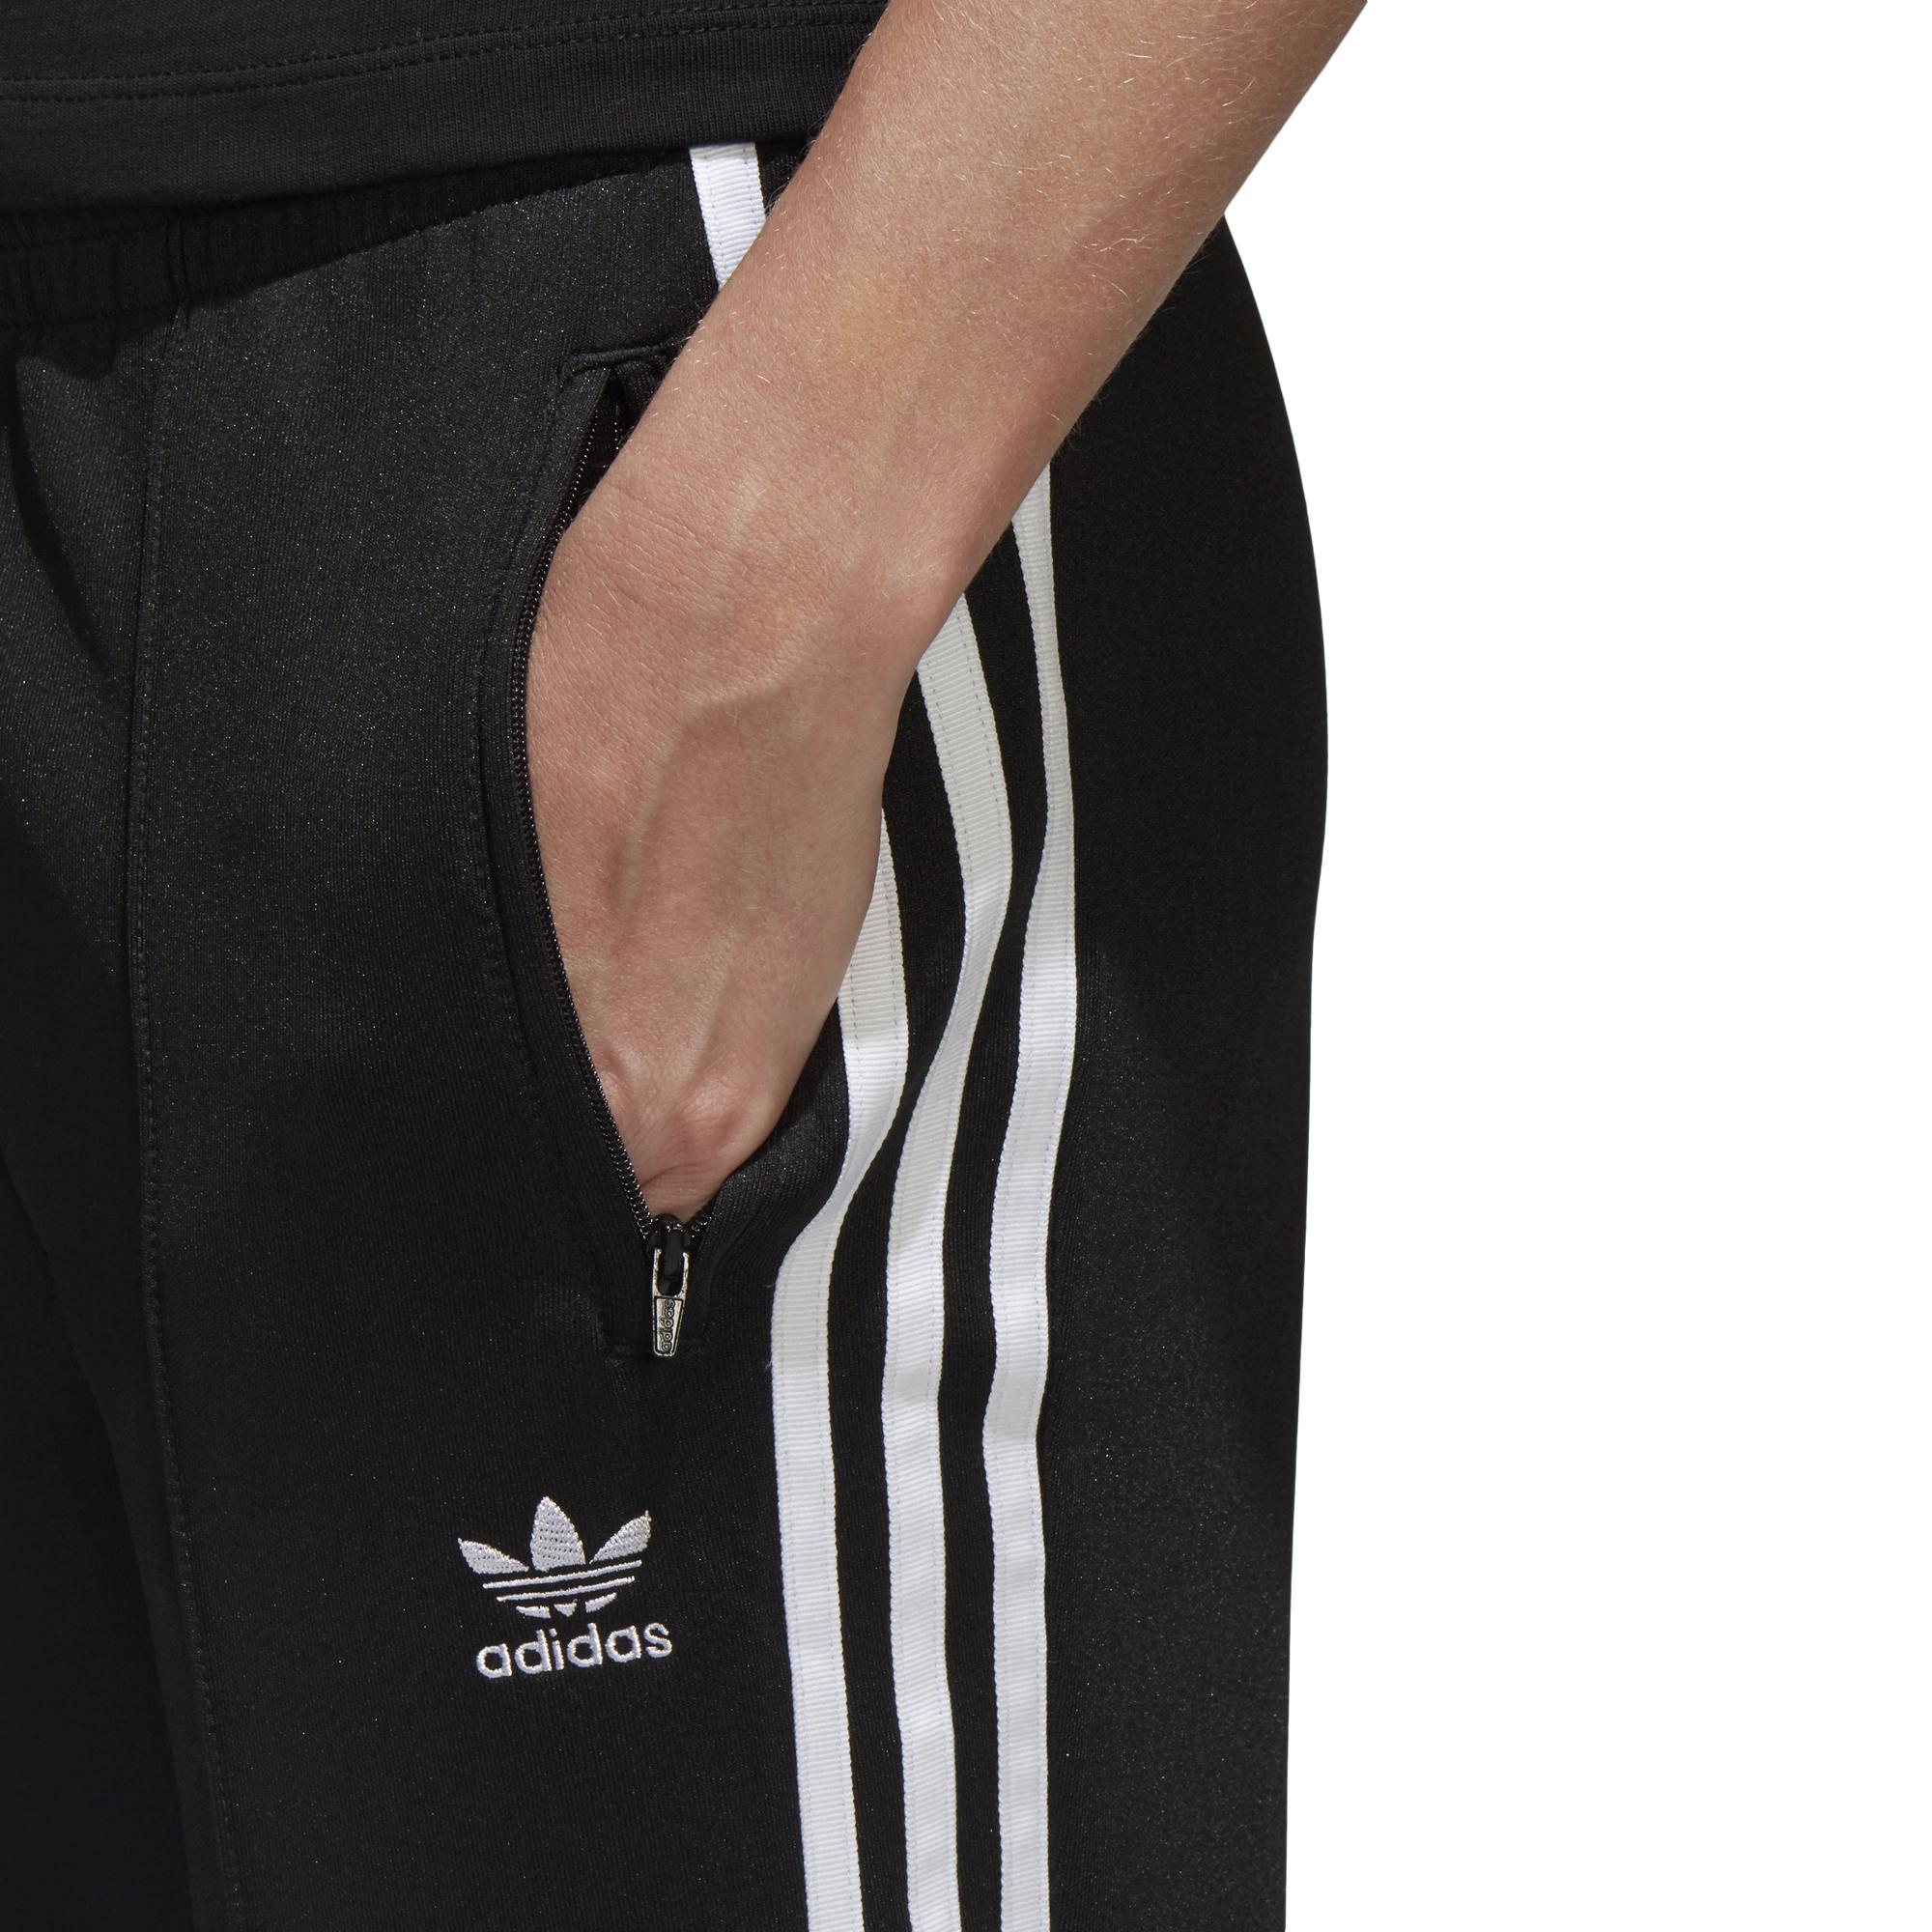 najwyższa jakość oficjalny sklep nowy przyjeżdża spodnie adidas SST CE2400